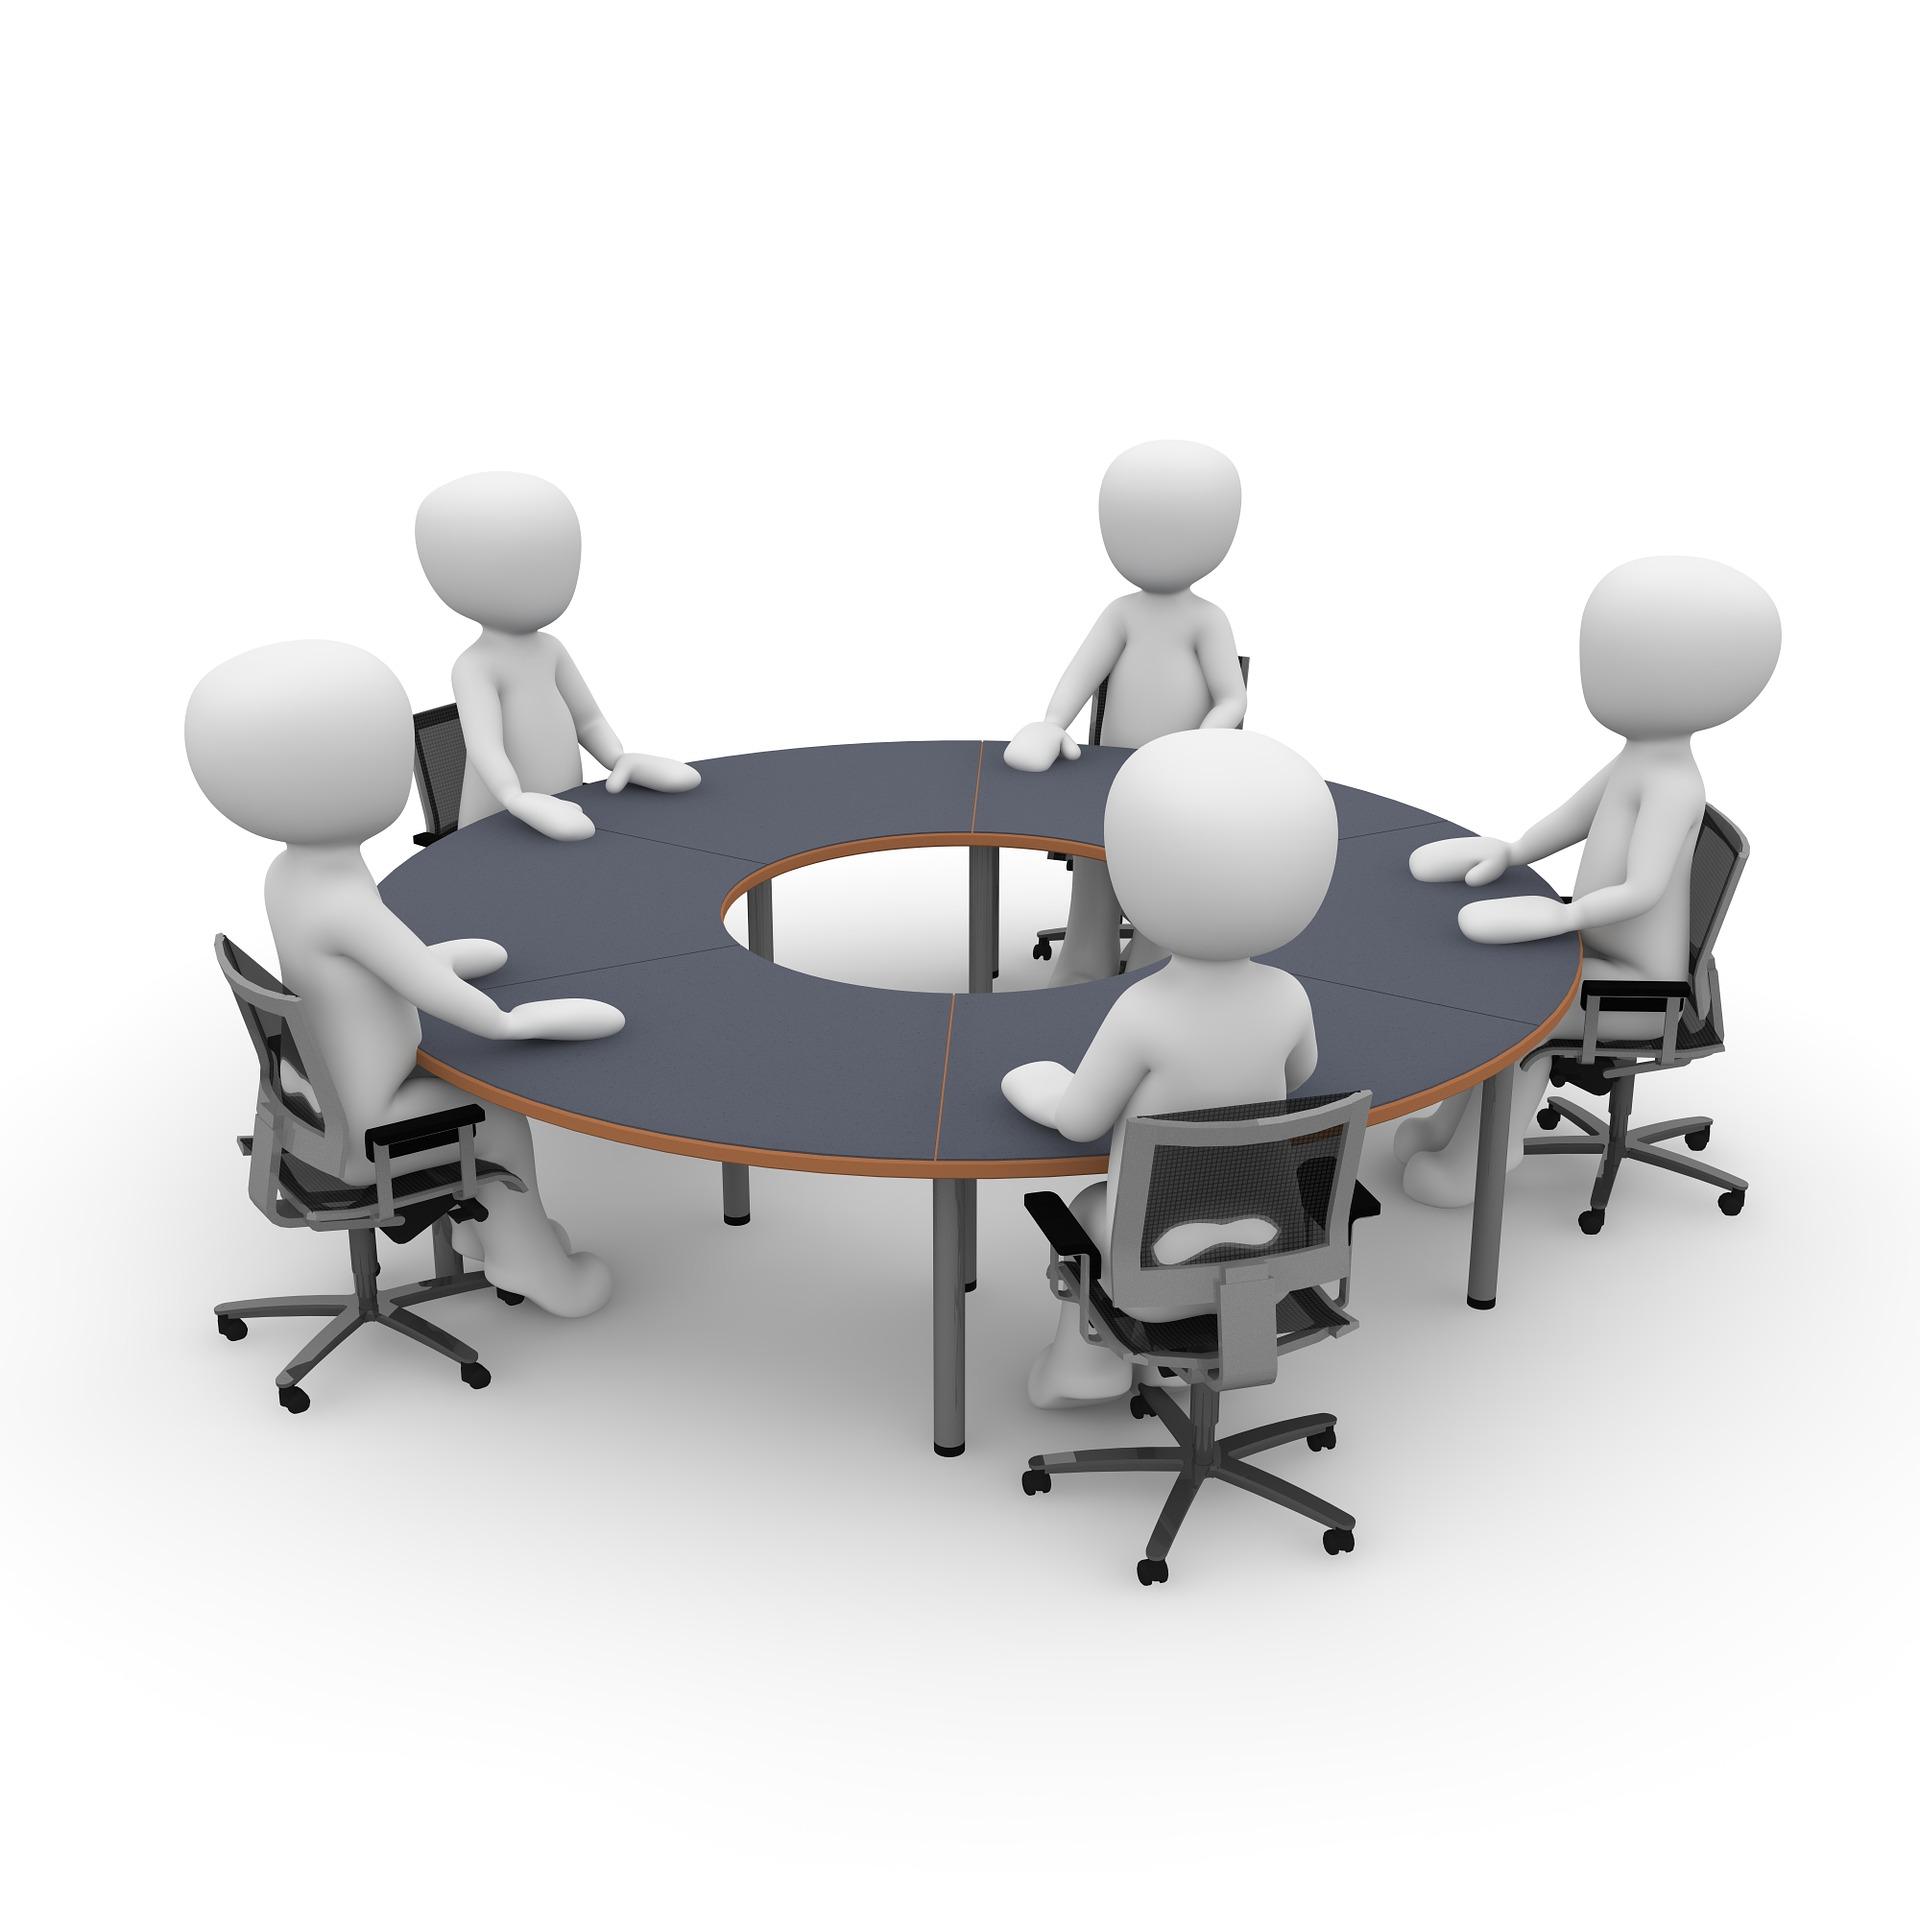 Première réunion : cinq trucs pour s'en sortir haut la main